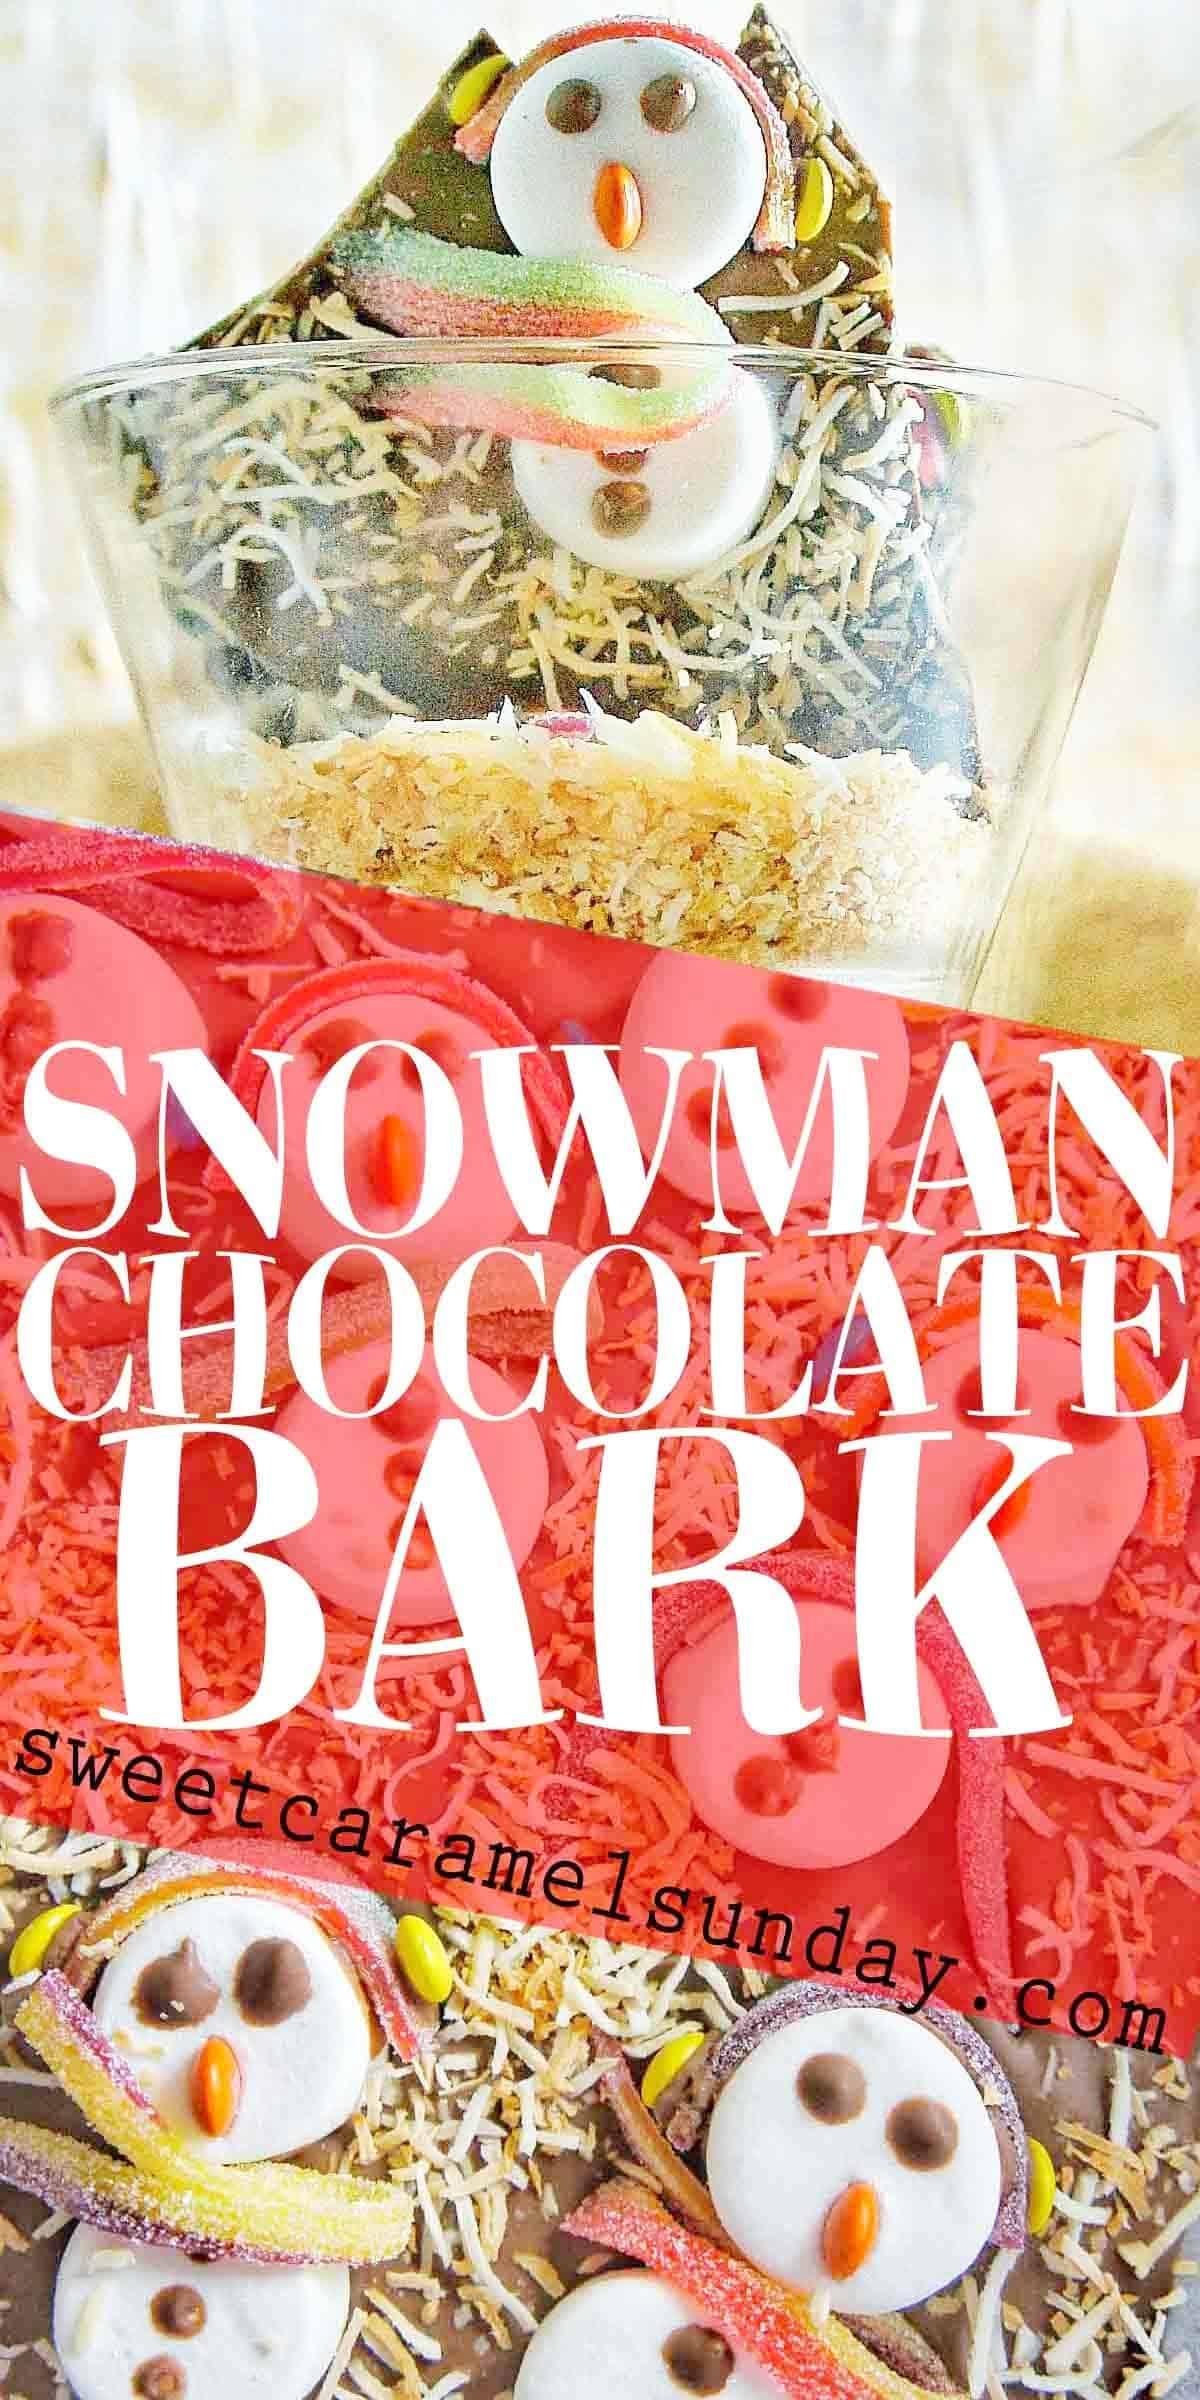 Snowman Chocolate Bark with text overlay